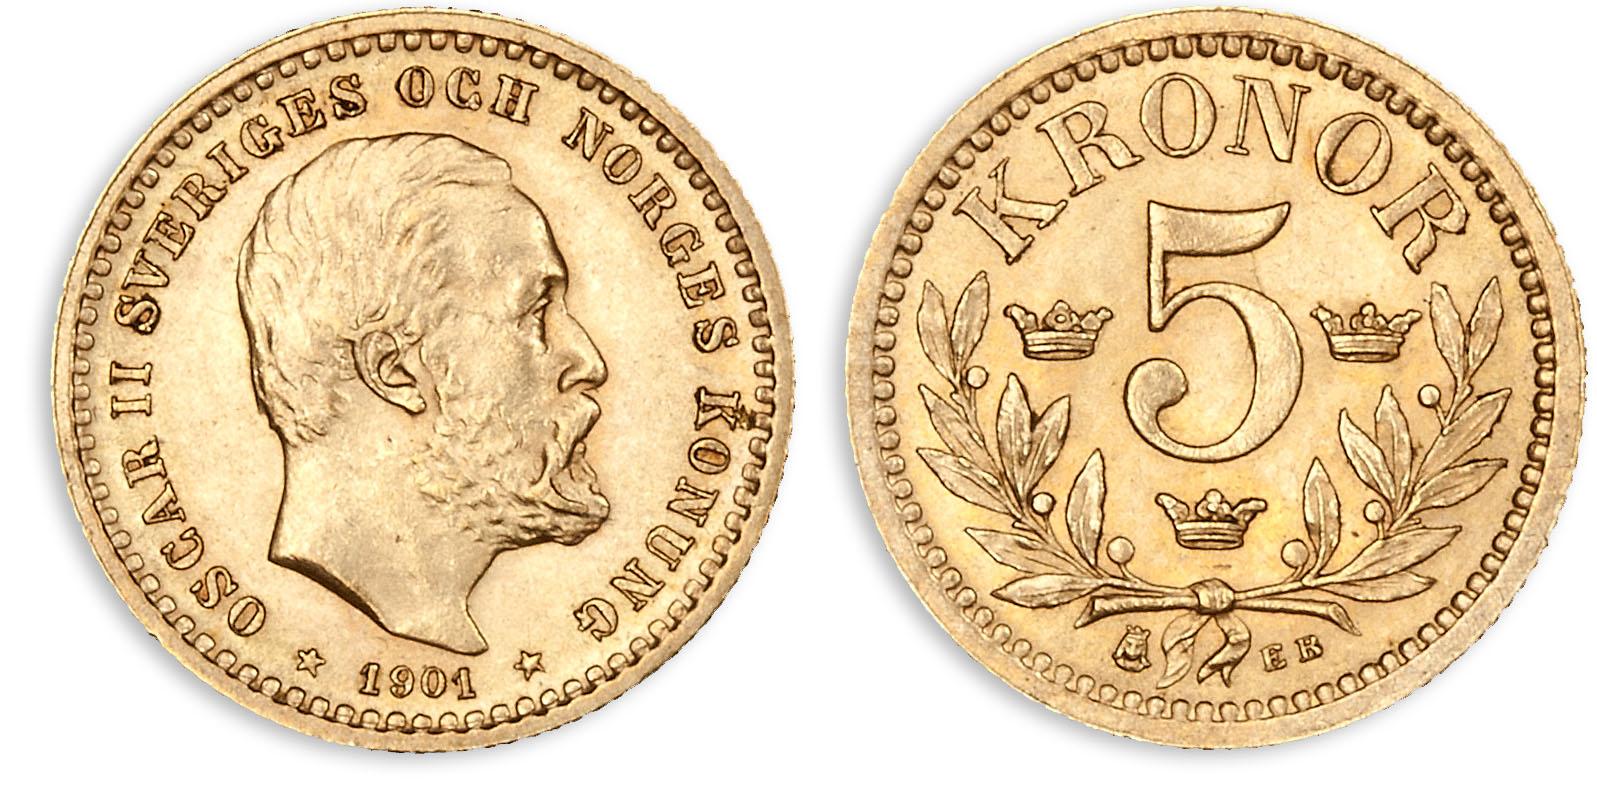 100 år gammel originalmynt fra unionstiden